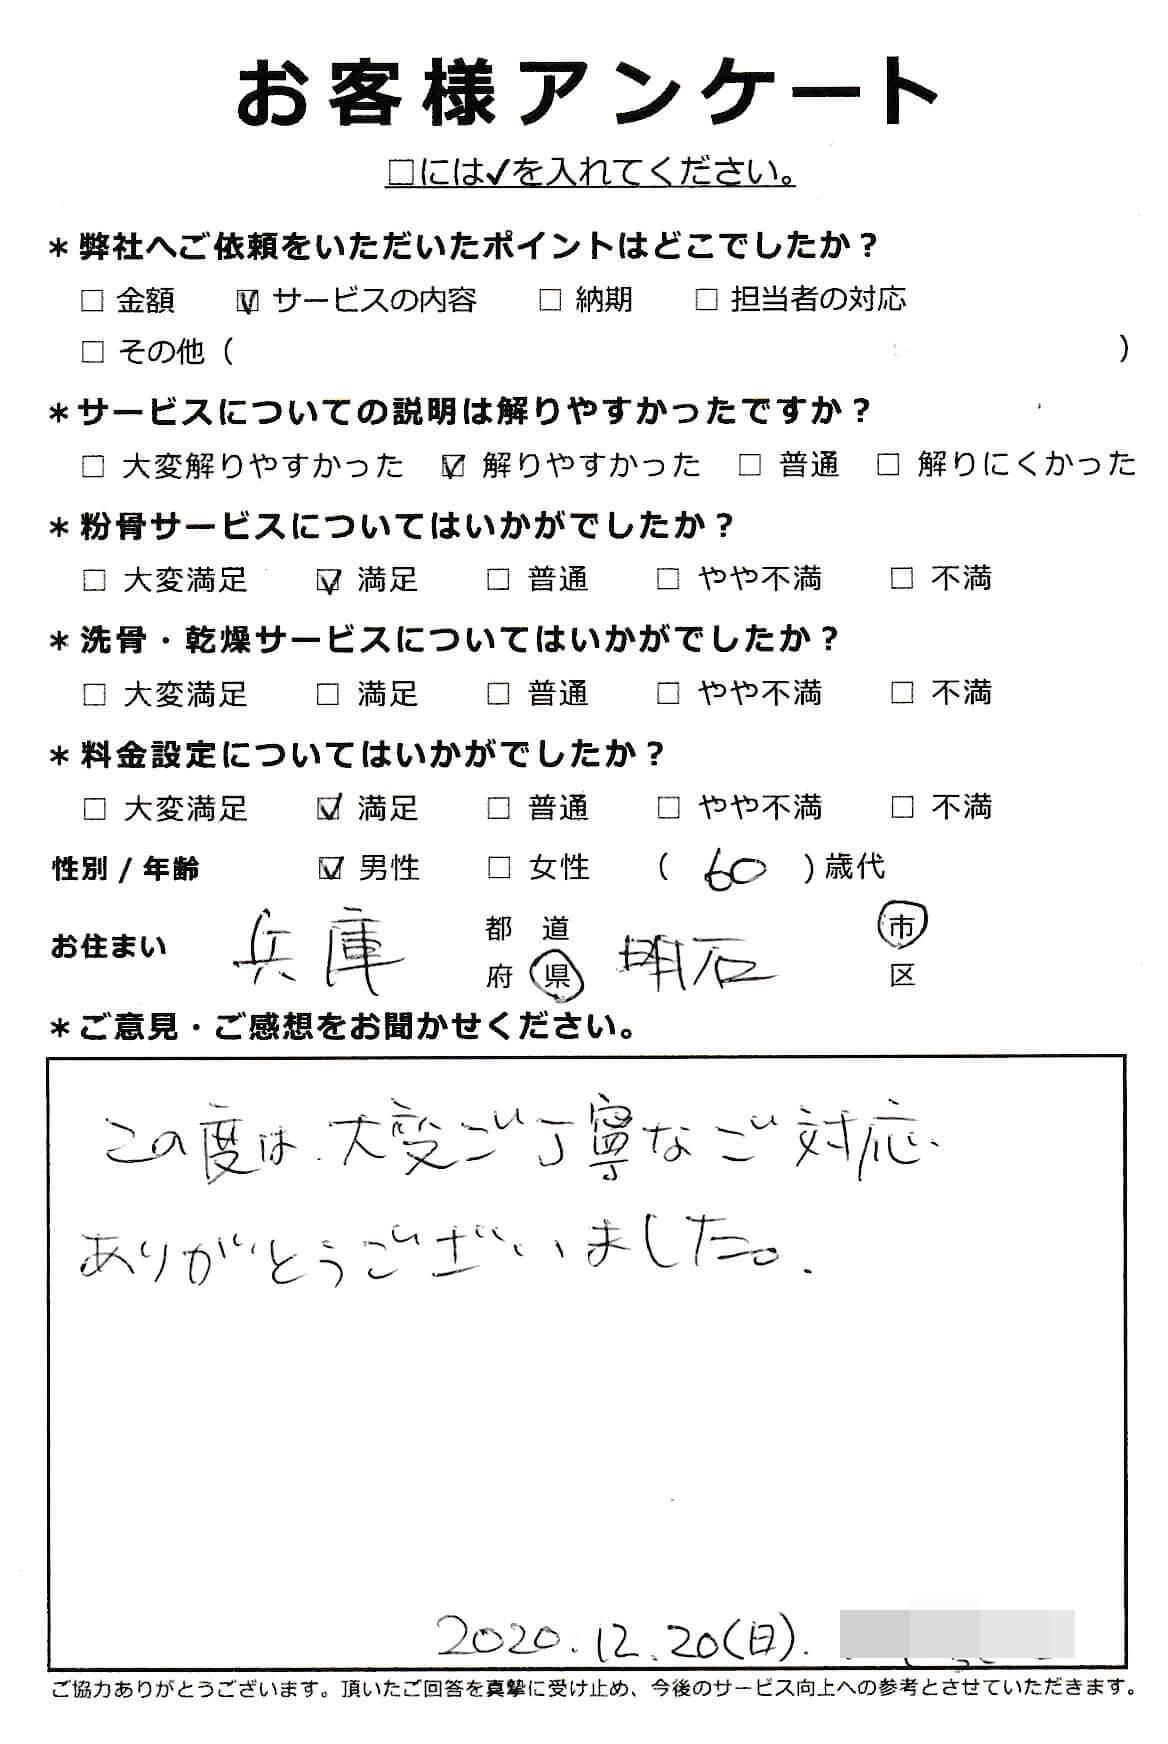 兵庫県明石市での粉骨サービス